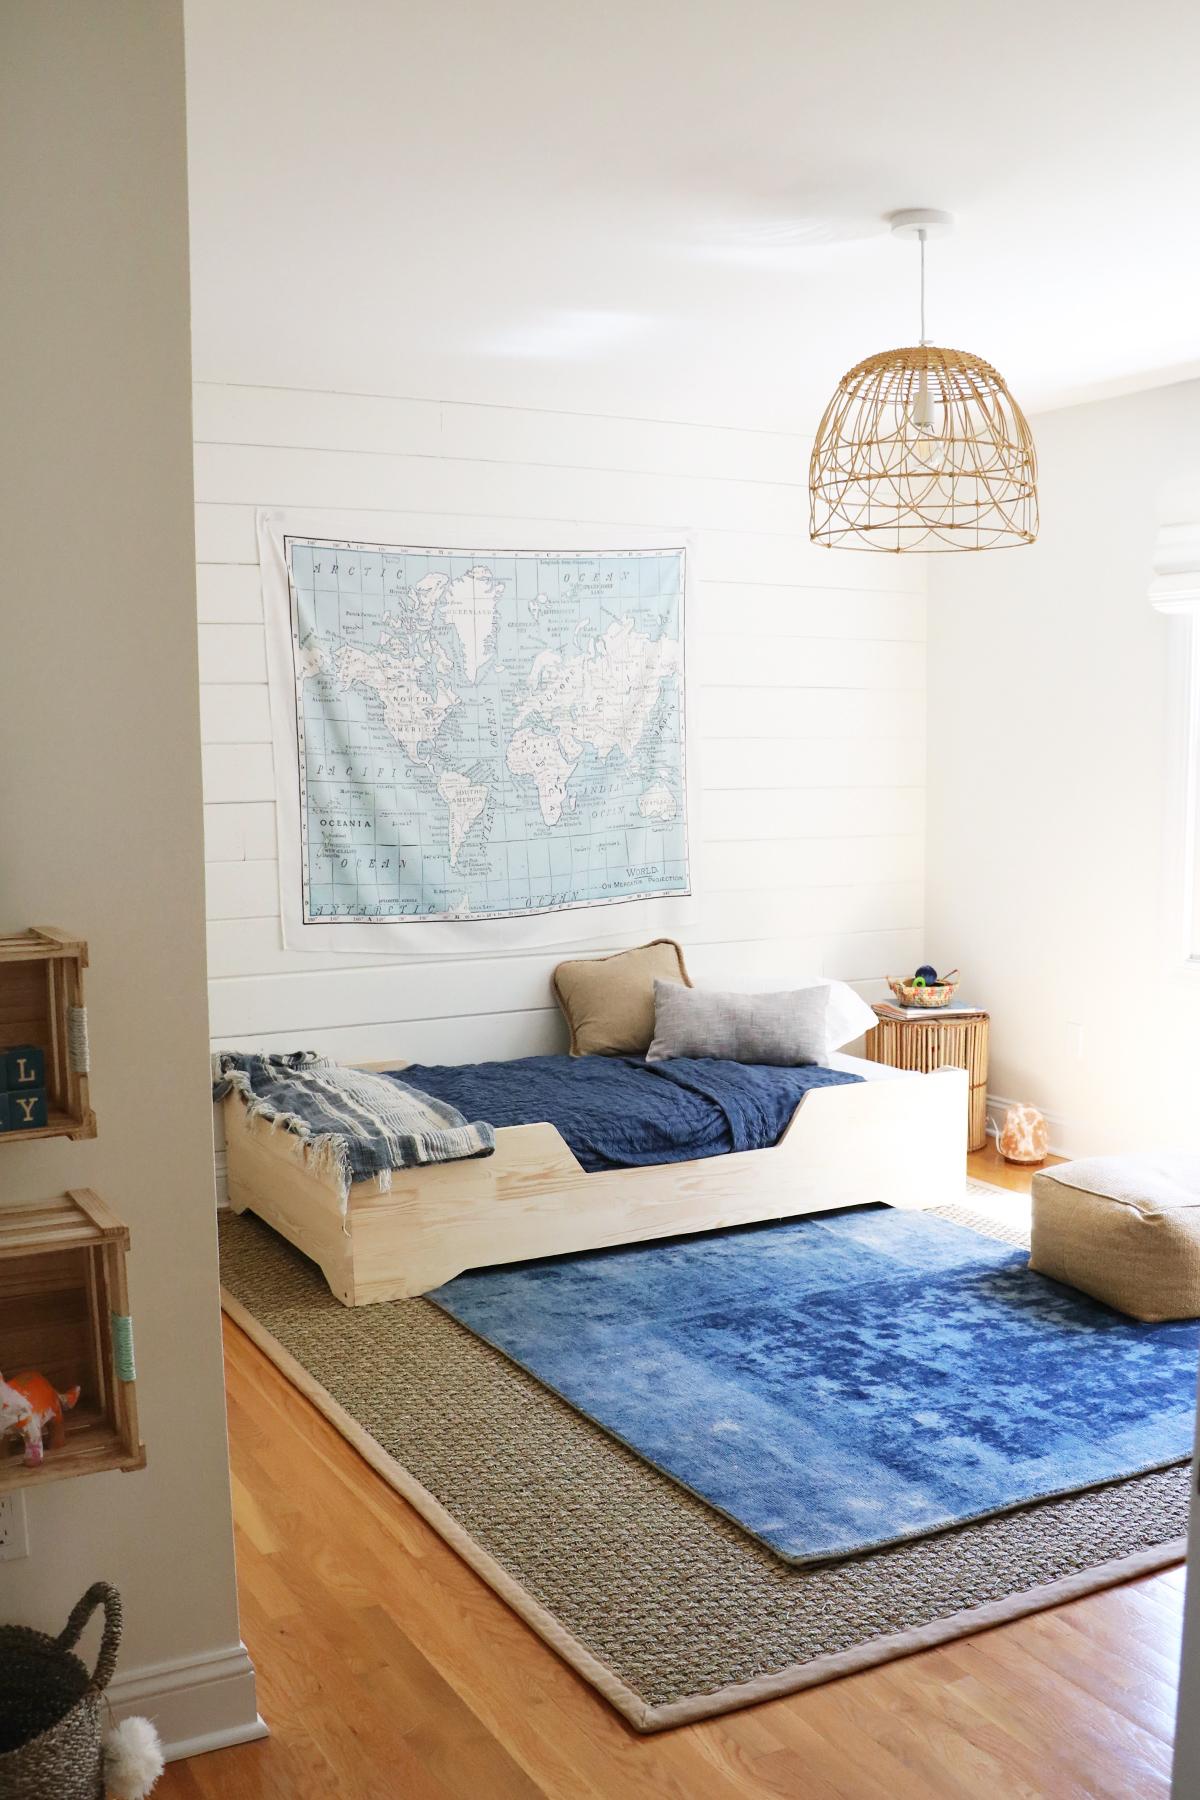 A_bedroom11.jpg